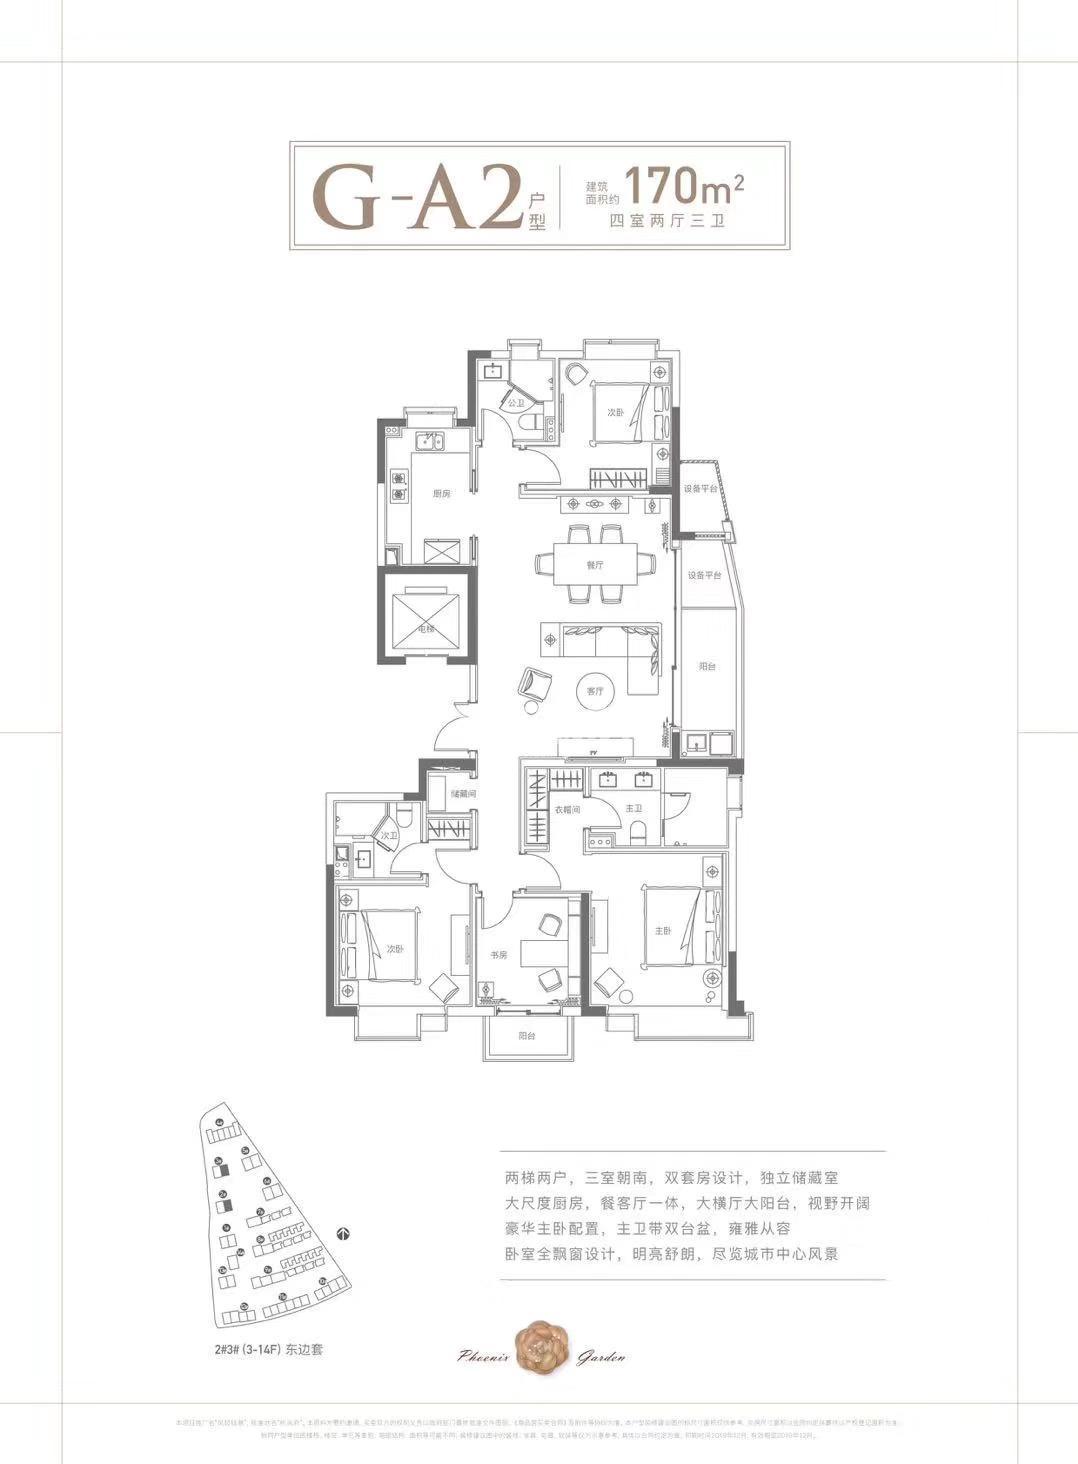 凤起钱潮G-A2户型170方2、3#